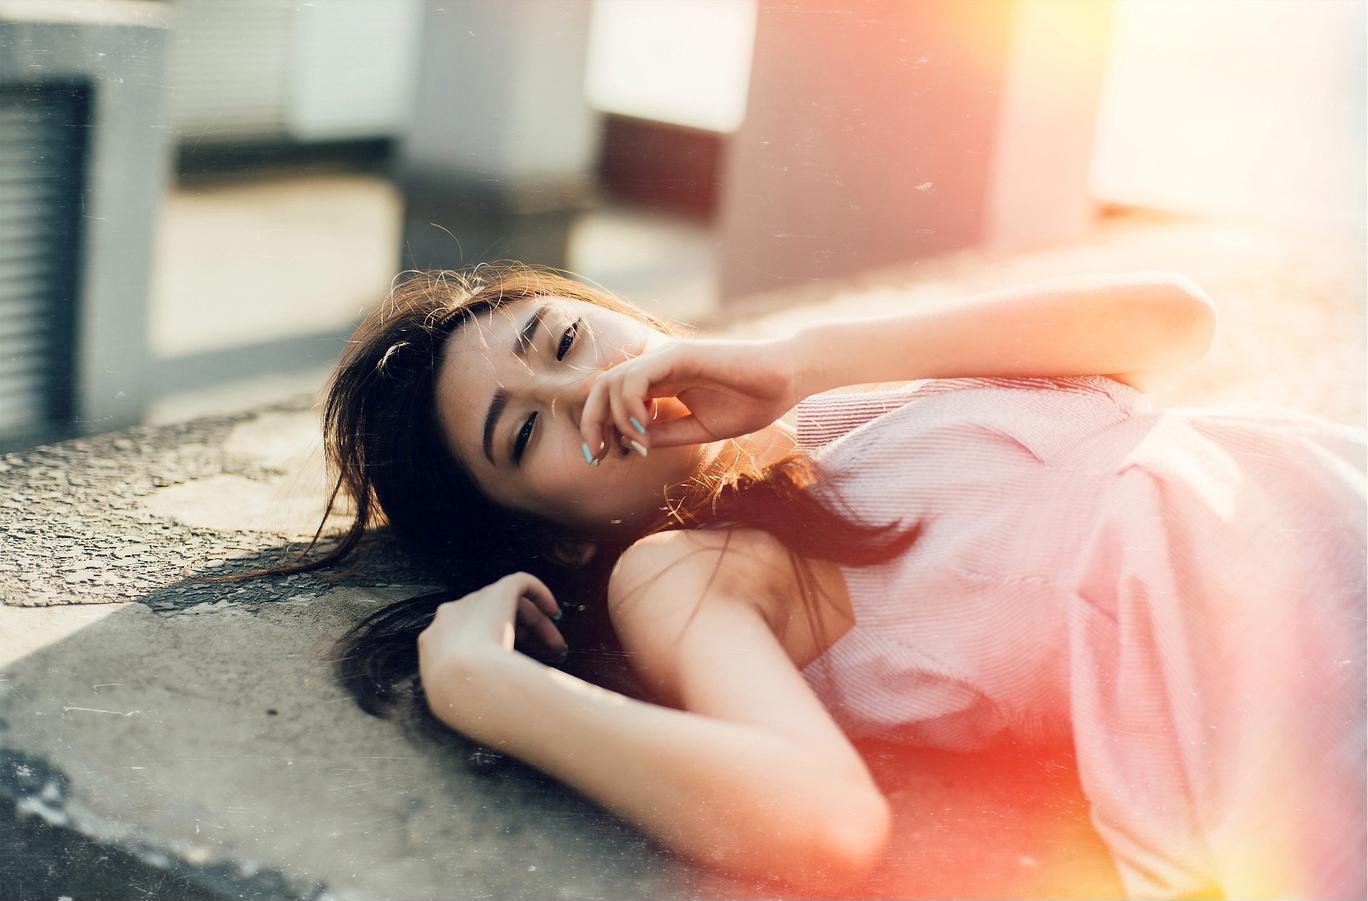 Dù đau khổ vì cuộc tình tan vỡ, phụ nữ cũng đừng làm những điều tổn hại đến mình - Ảnh 2